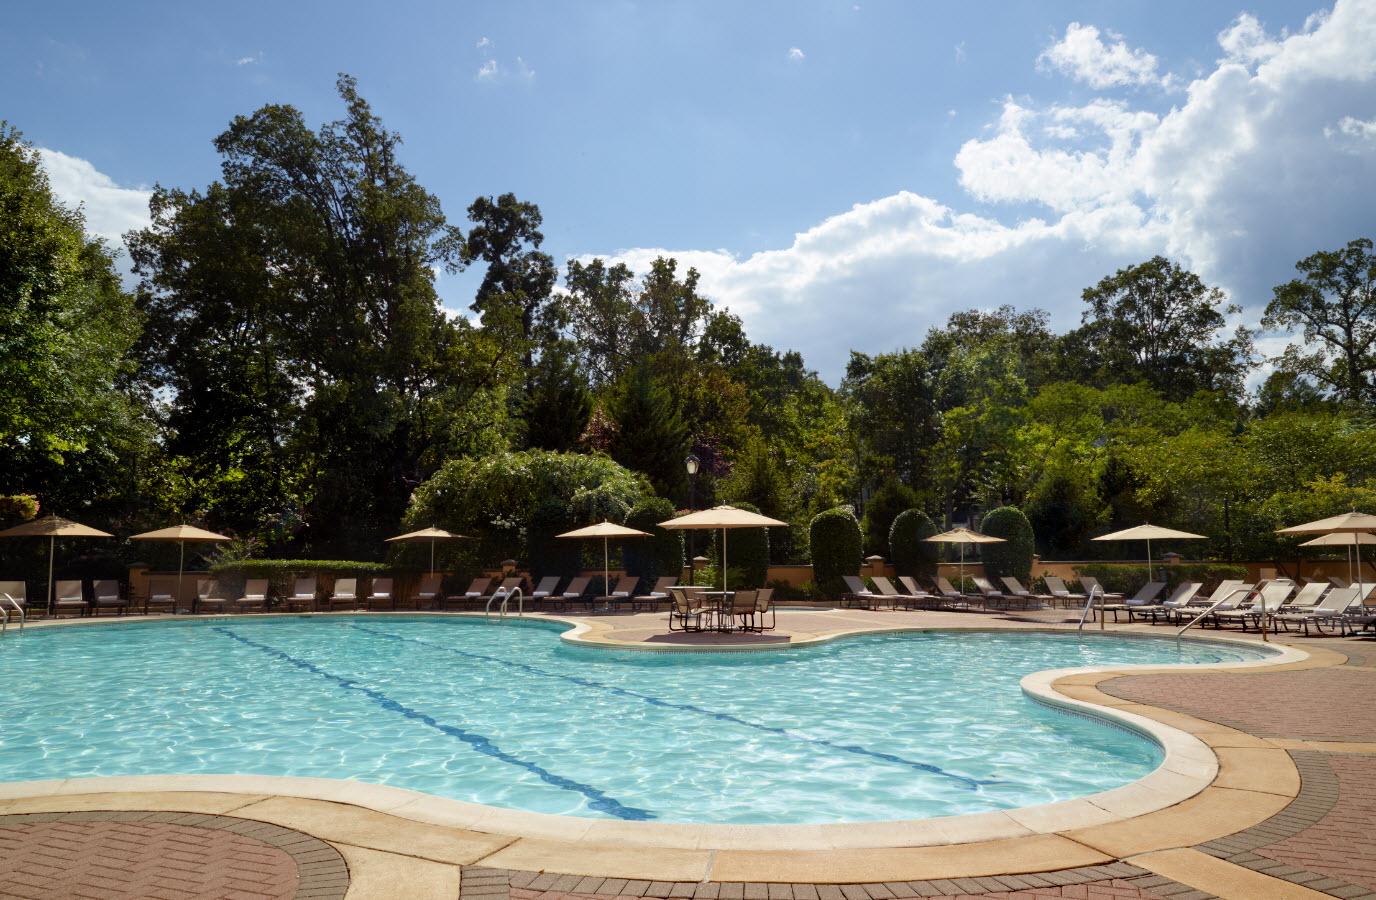 Omni Shoreham Hotel pool